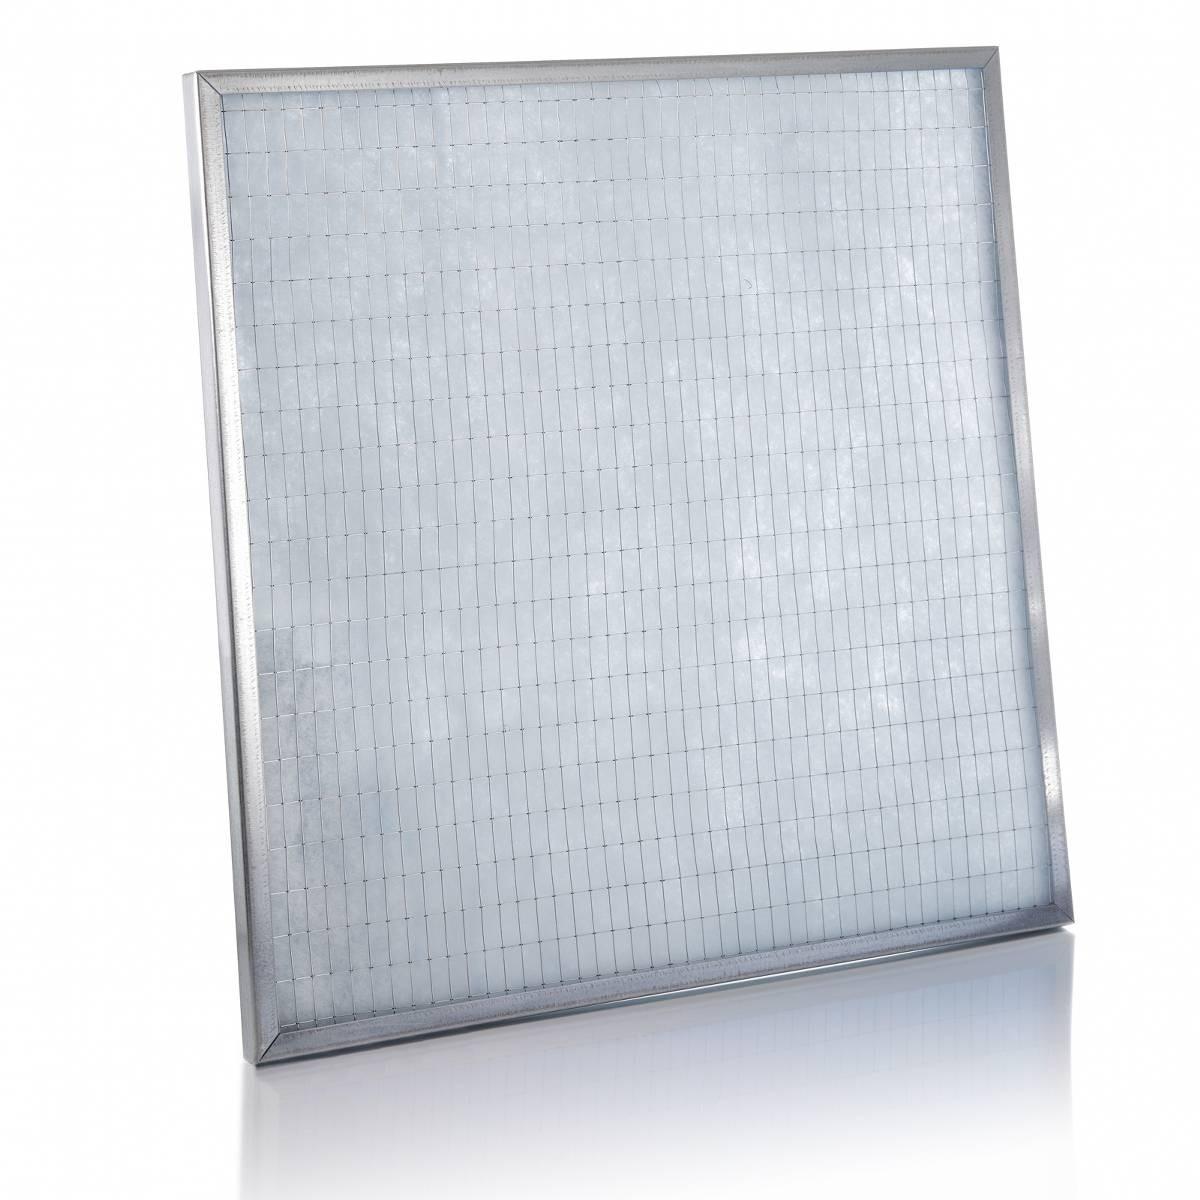 Cella filtrante sintetica piana efficienza G4 dimensioni 400x400x48 mm